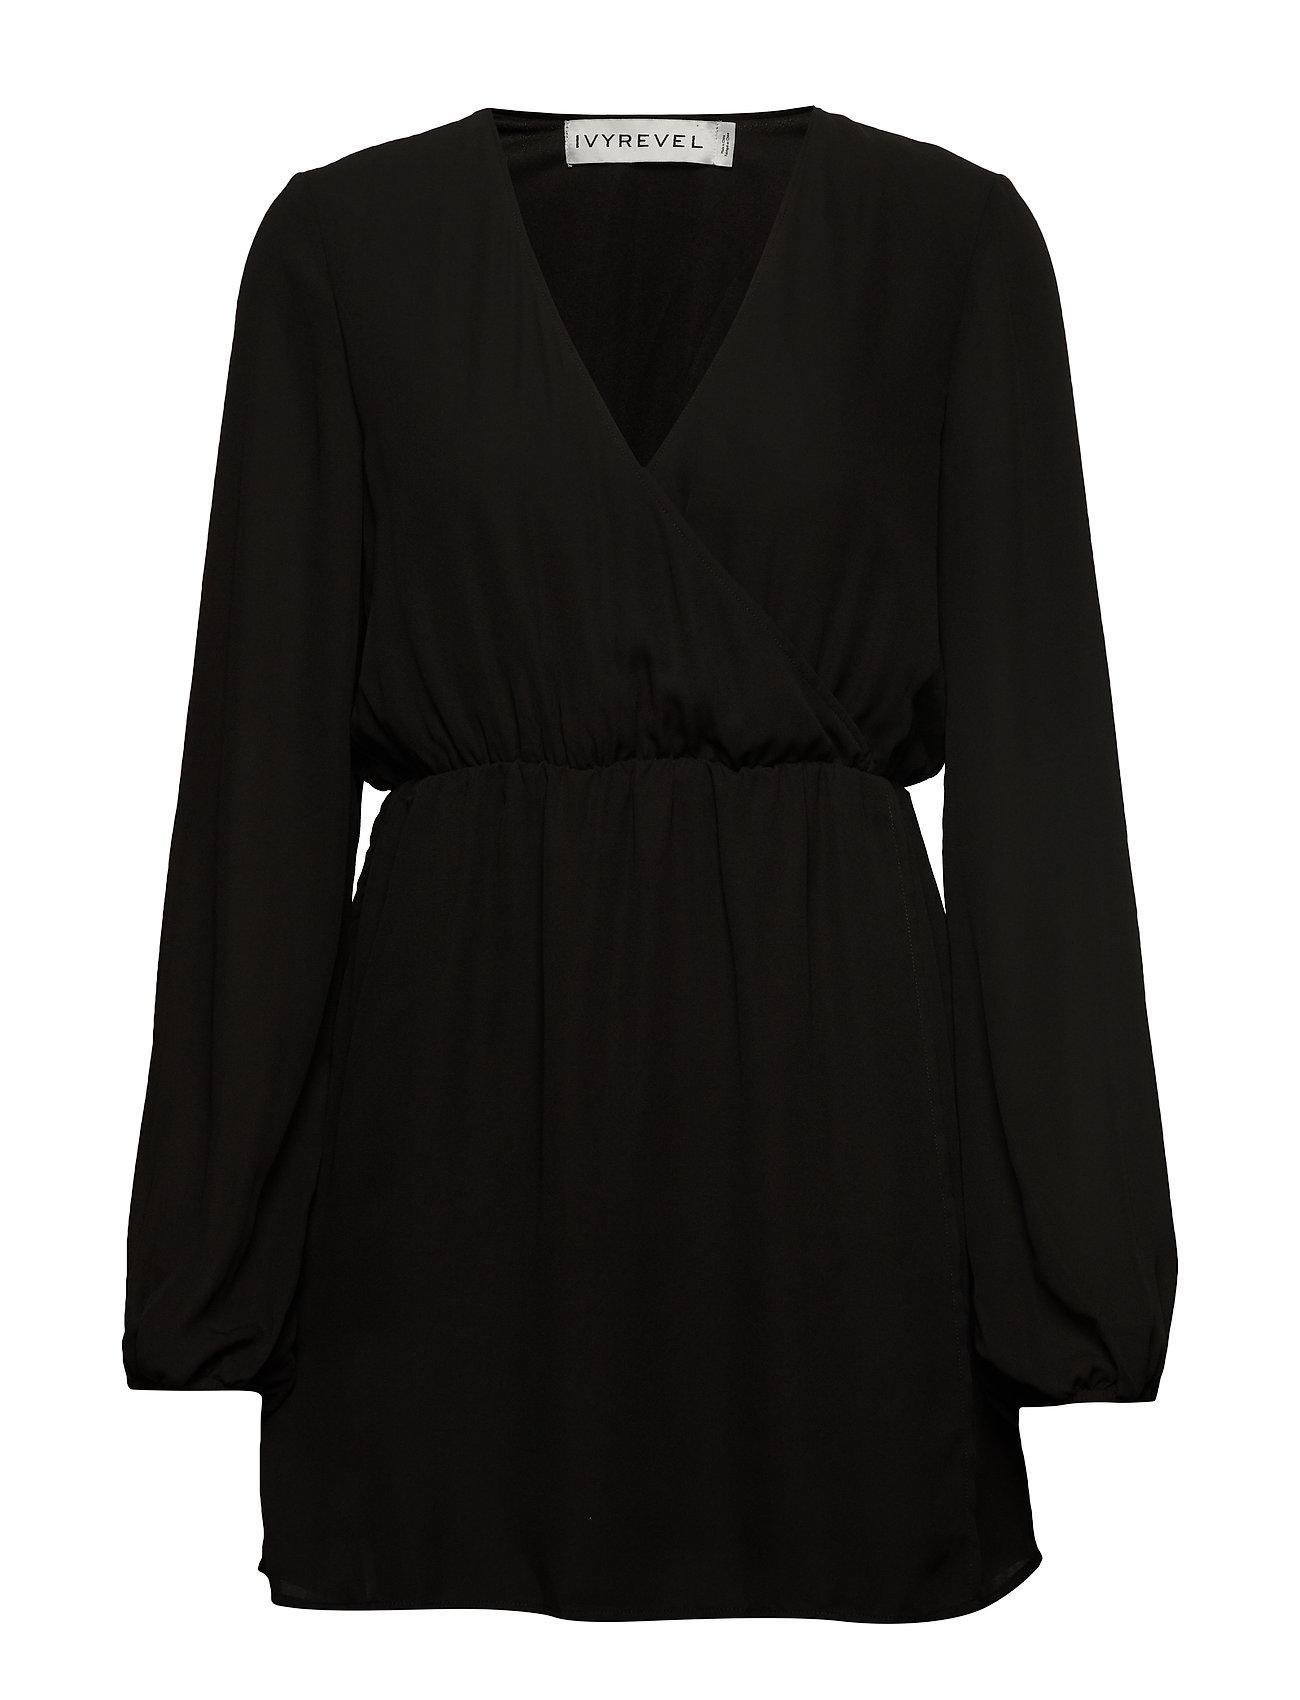 Ivyrevel BALLOON SLEEVE DRESS - BLACK